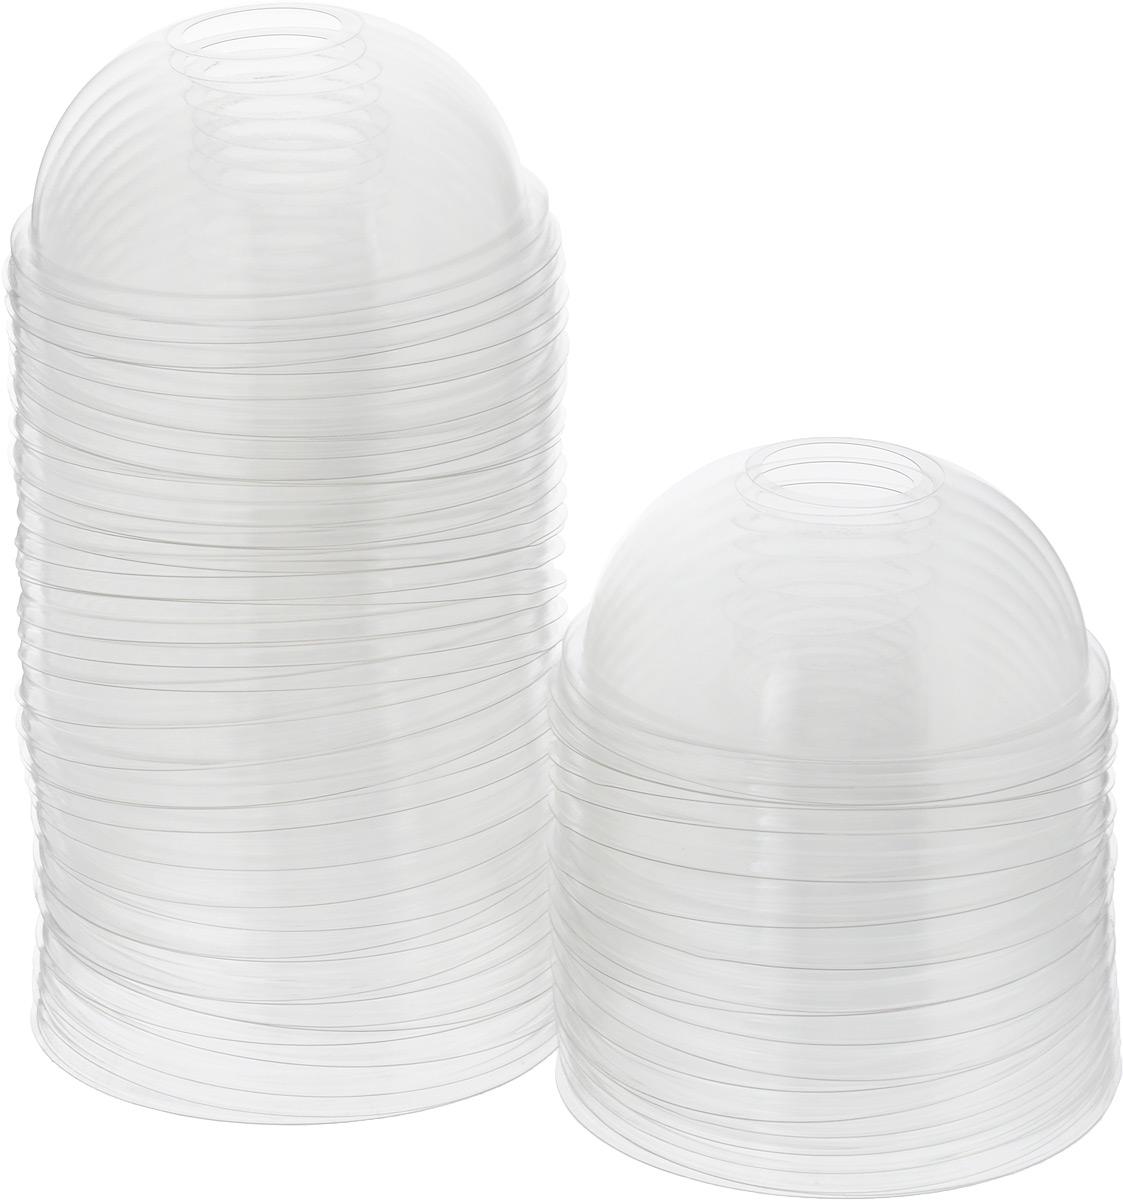 Крышка для стакана одноразовая Стироллпласт, купольная, 50 шт. ПОС31550ПОС31550Одноразовые крышки для стакана Стироллпласт изготовлены из материала ПЭТ (полиэтилентерефталат). Крышки имеют форму купола и отверстия для трубочки. Подойдут для всех одноразовых стаканов диаметром 95 мм. Одноразовая посуда незаменима в поездках на природу, на пикниках, а также на детских праздниках. Она не занимает много места, легкая и самое главное - после использования ее не надо мыть. Диаметр крышки: 9,5 см. Высота крышки: 4,5 см.